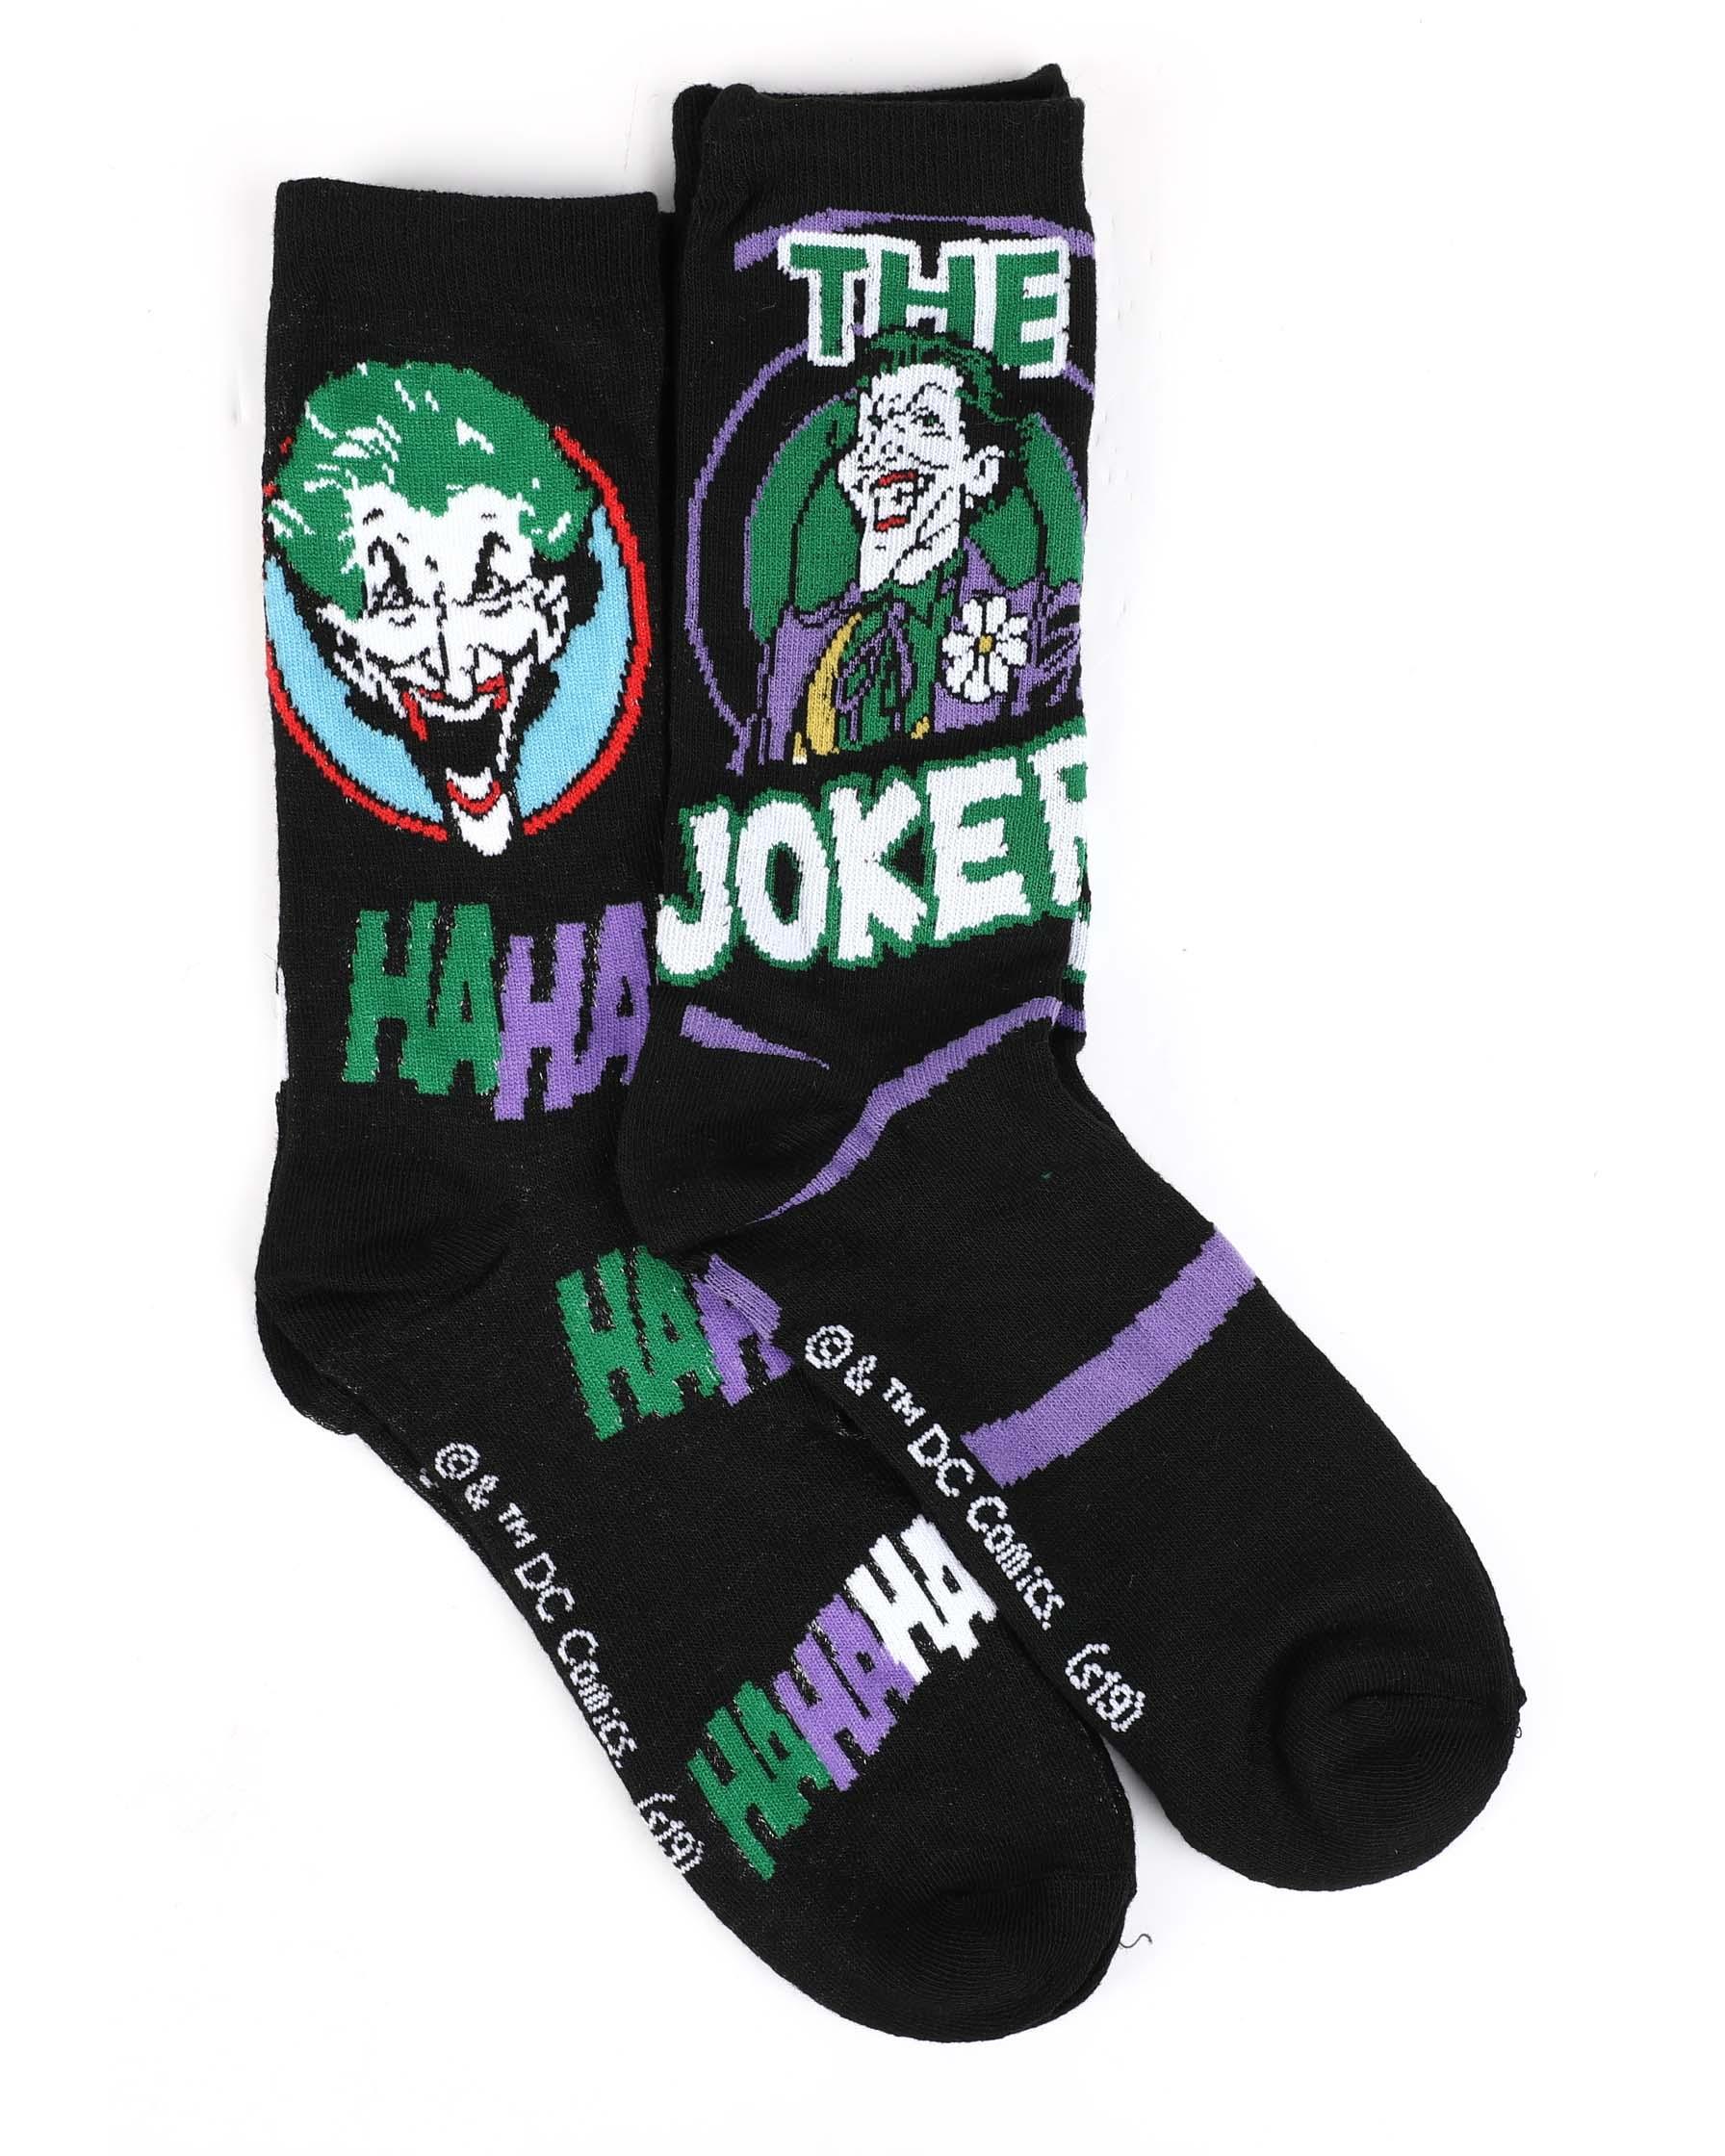 Brand New Joker Black Crew Socks